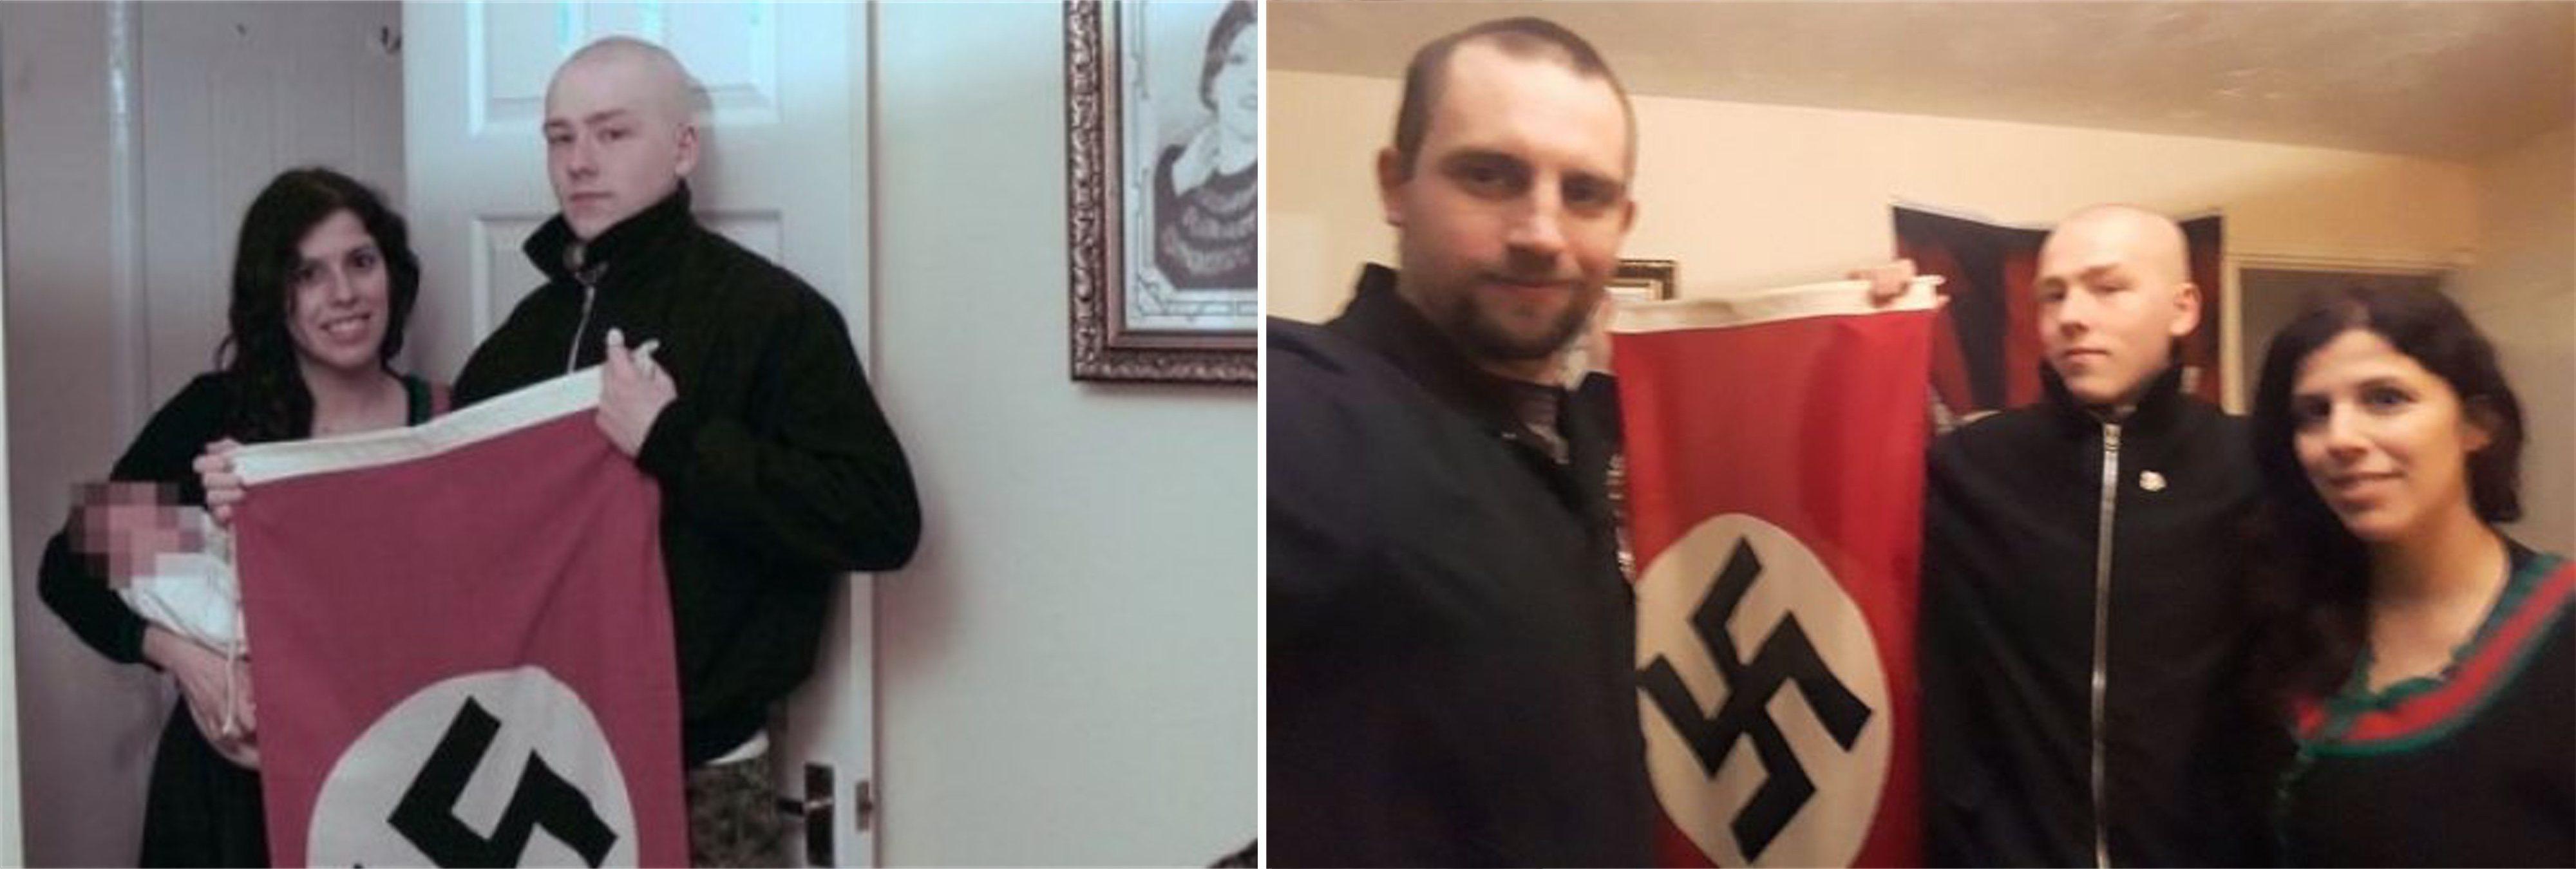 Más de cinco años de cárcel para una pareja que llamó a su hijo Adolf Hitler